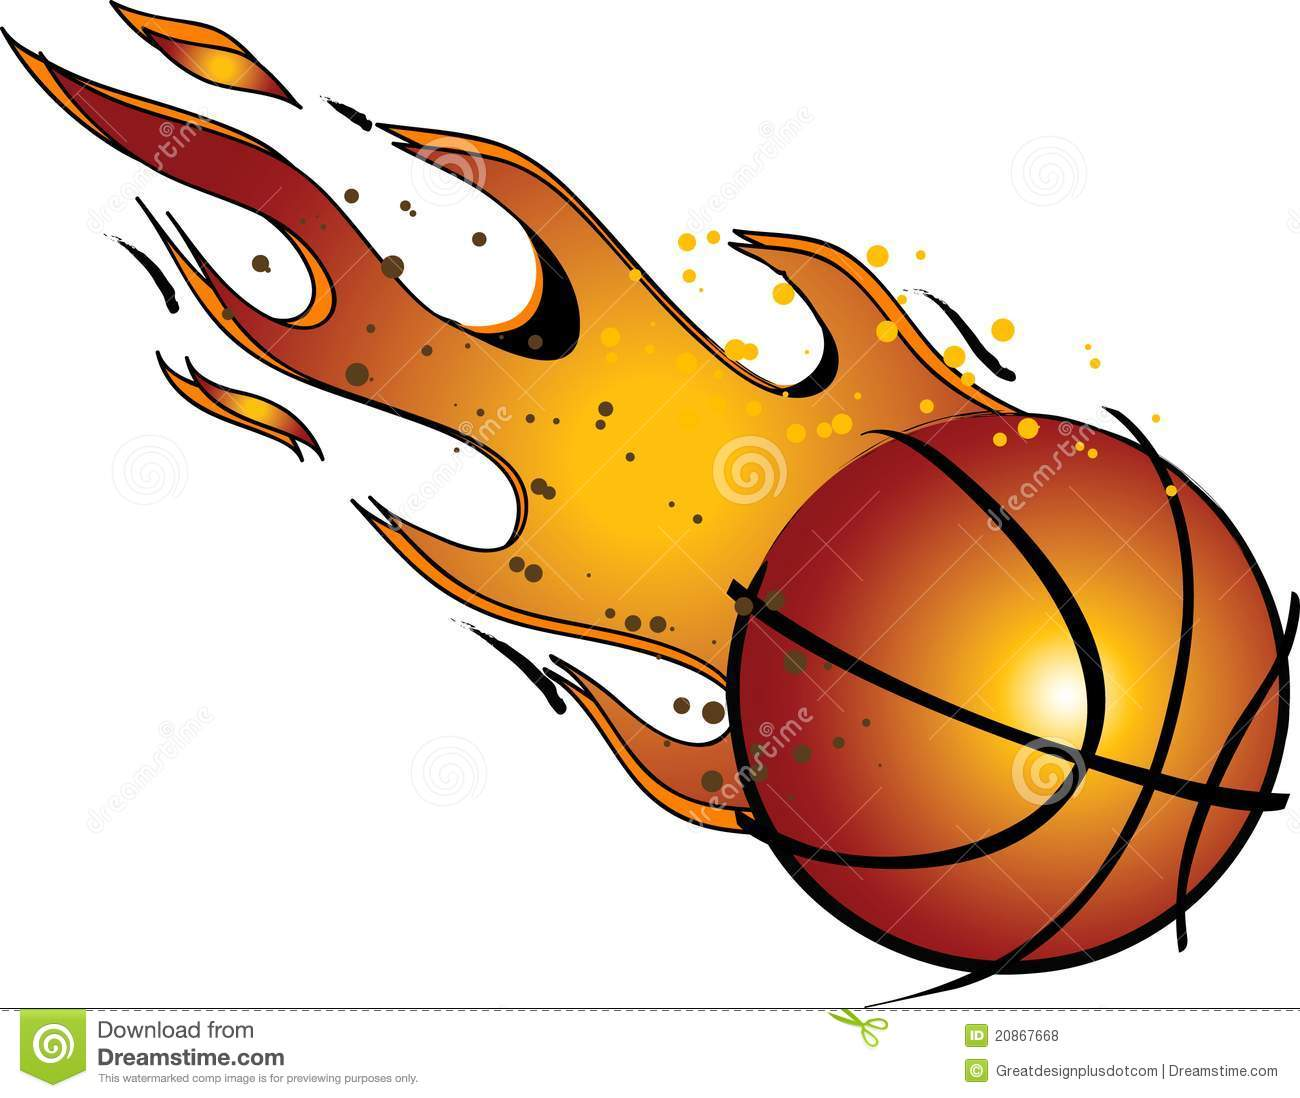 Flaming Basketball Vector Clip Art Royal-Flaming Basketball Vector Clip Art Royalty Free Stock Photos-8